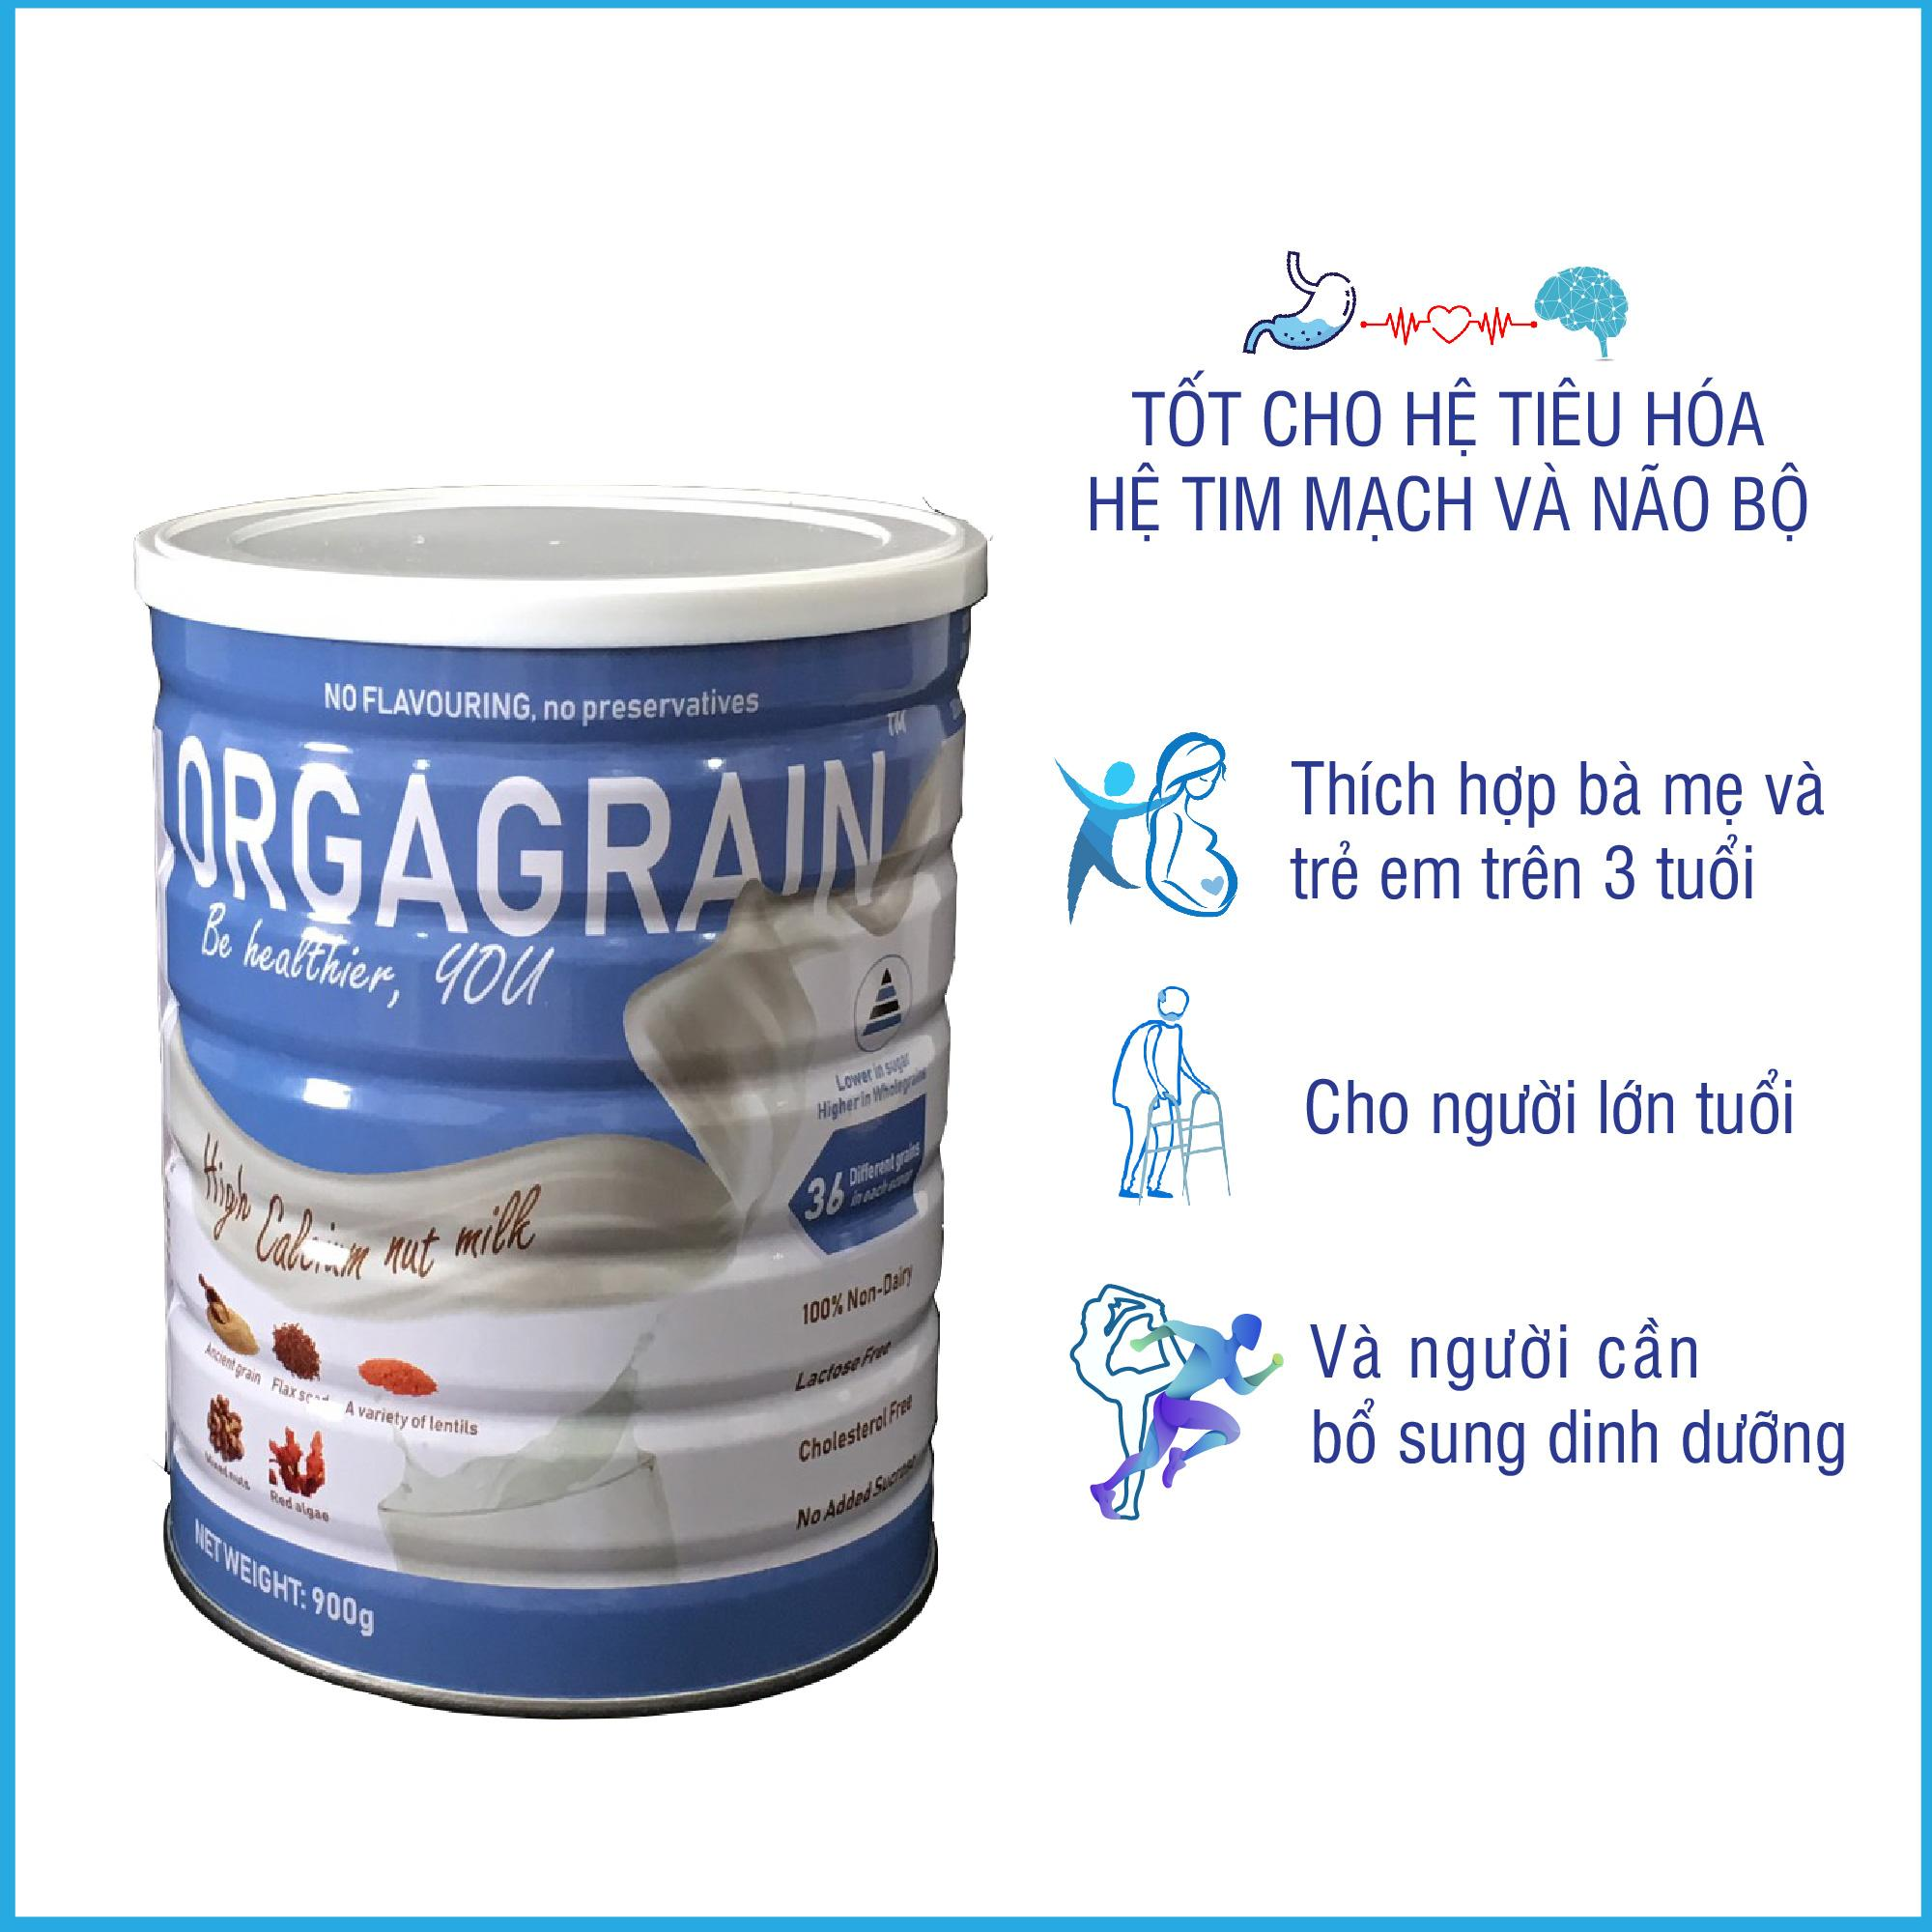 Sữa hạt Orgagrain